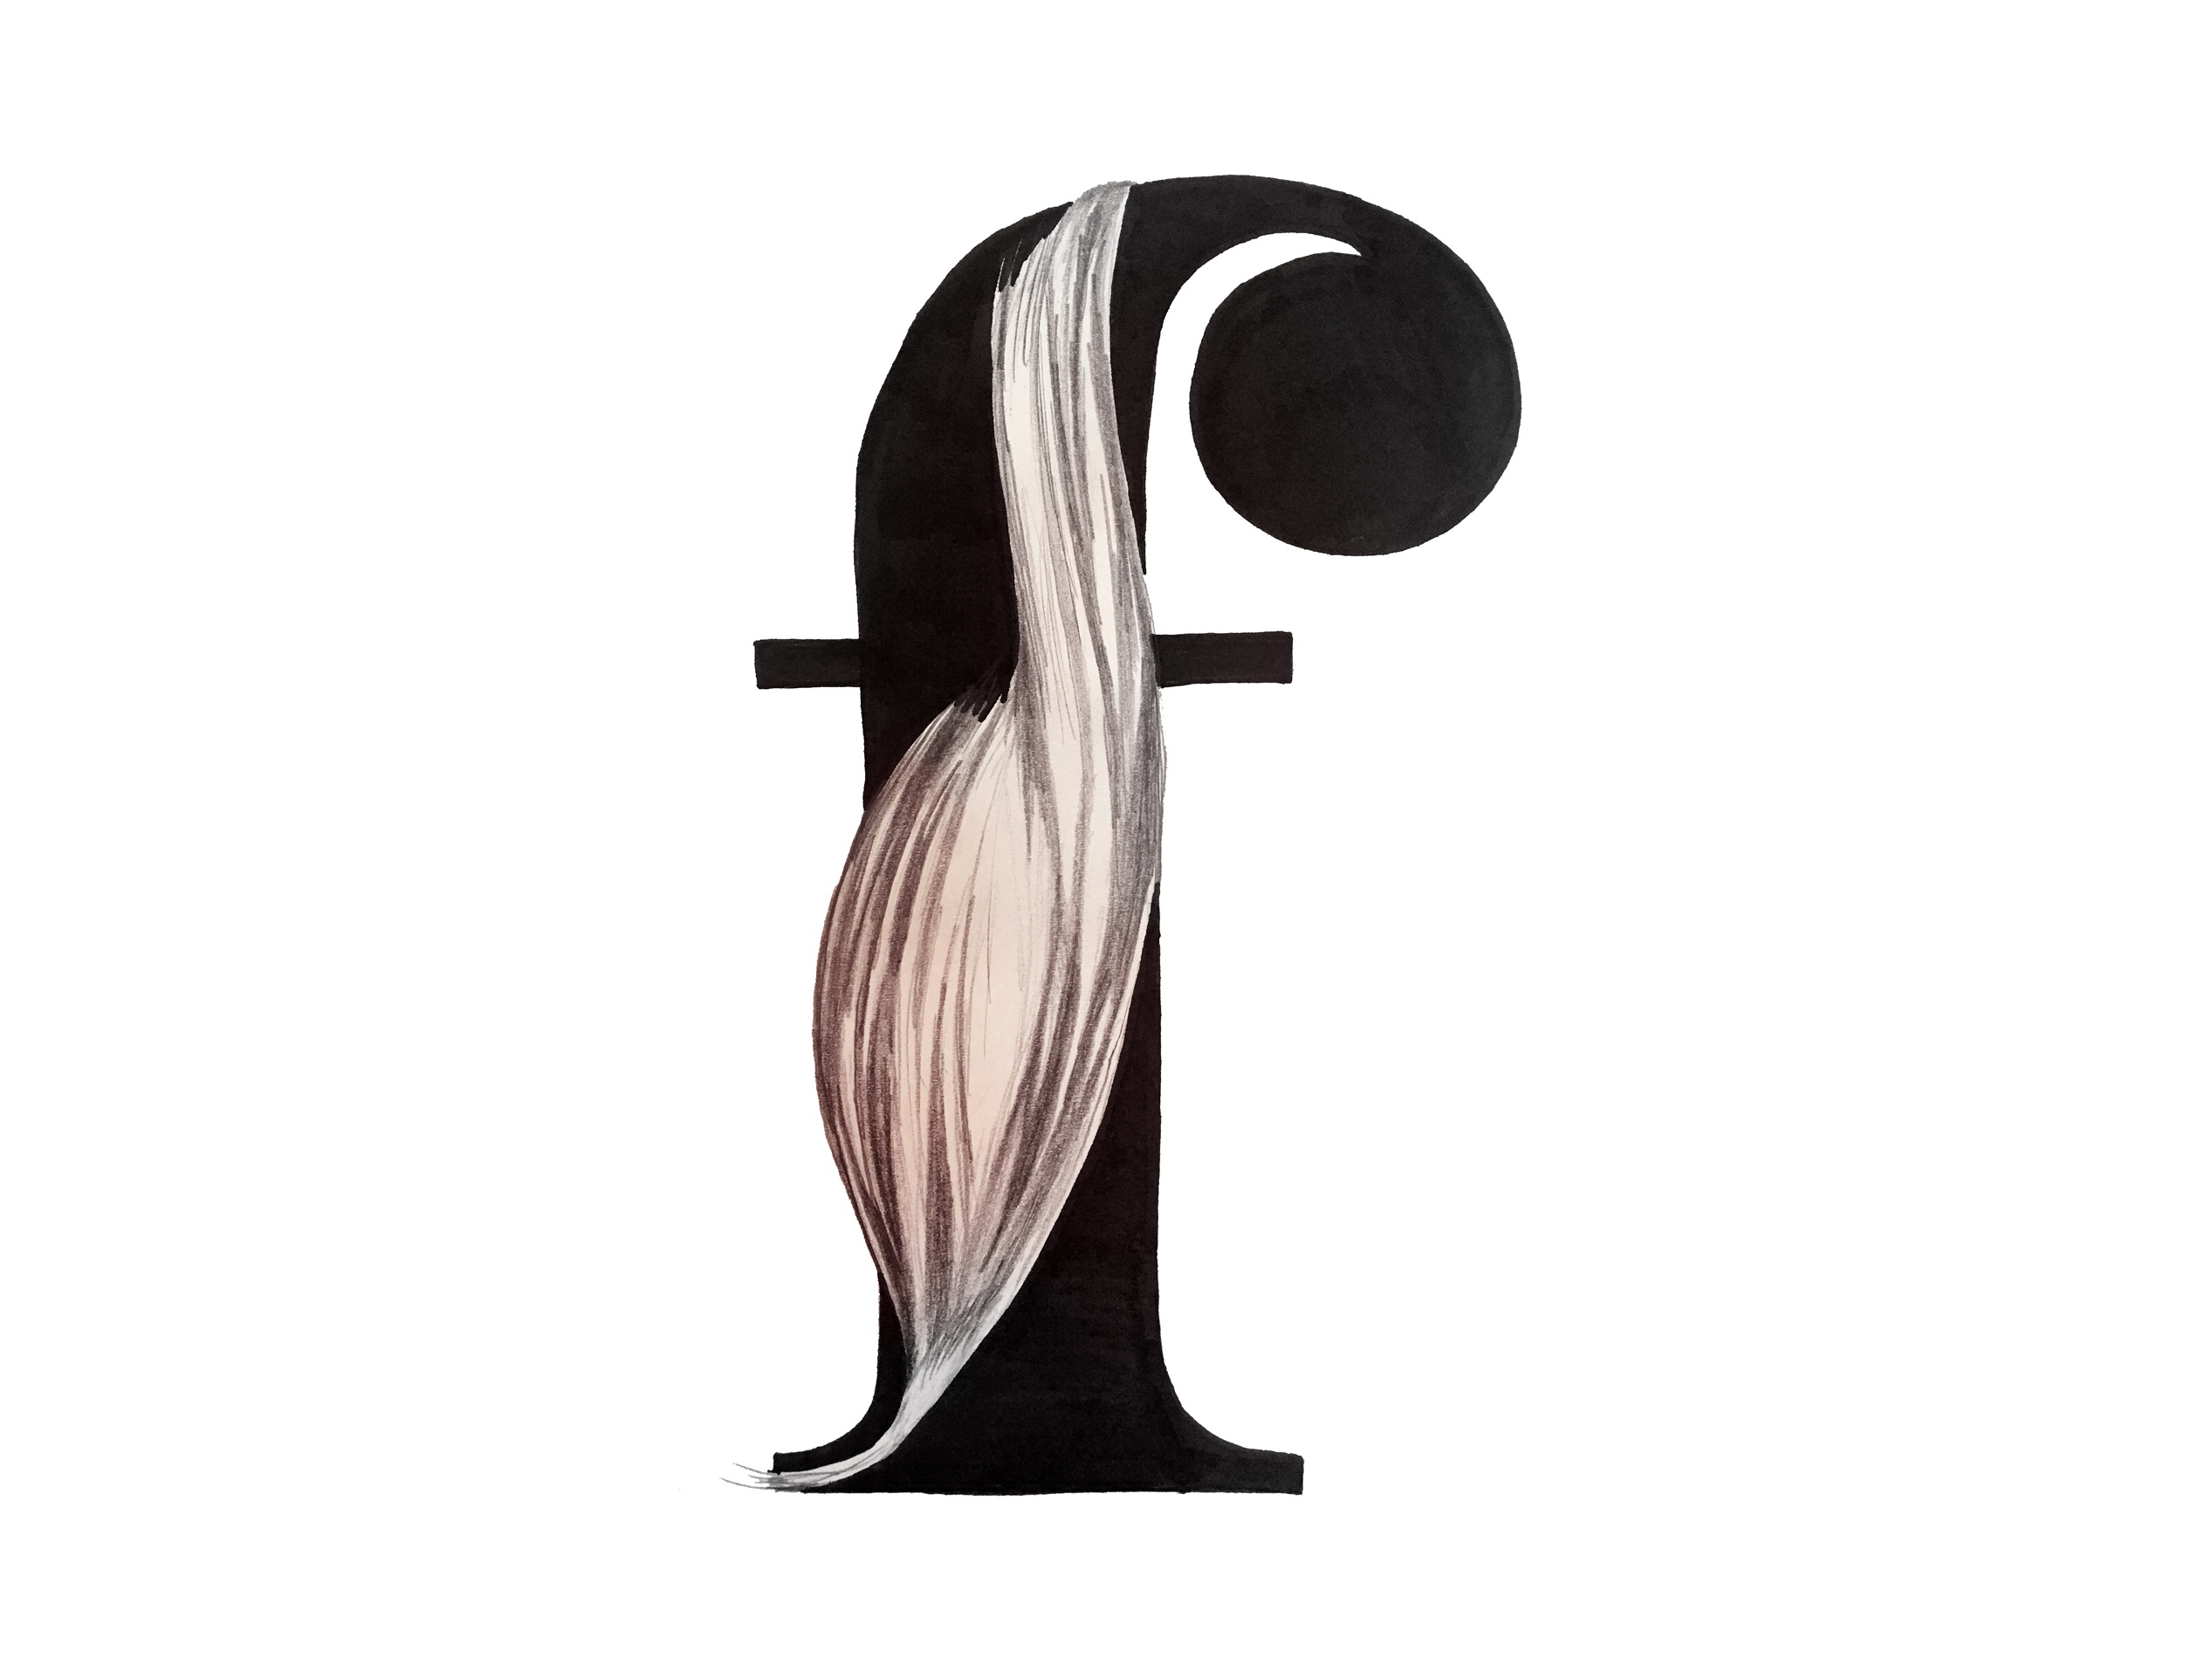 F is for flexor